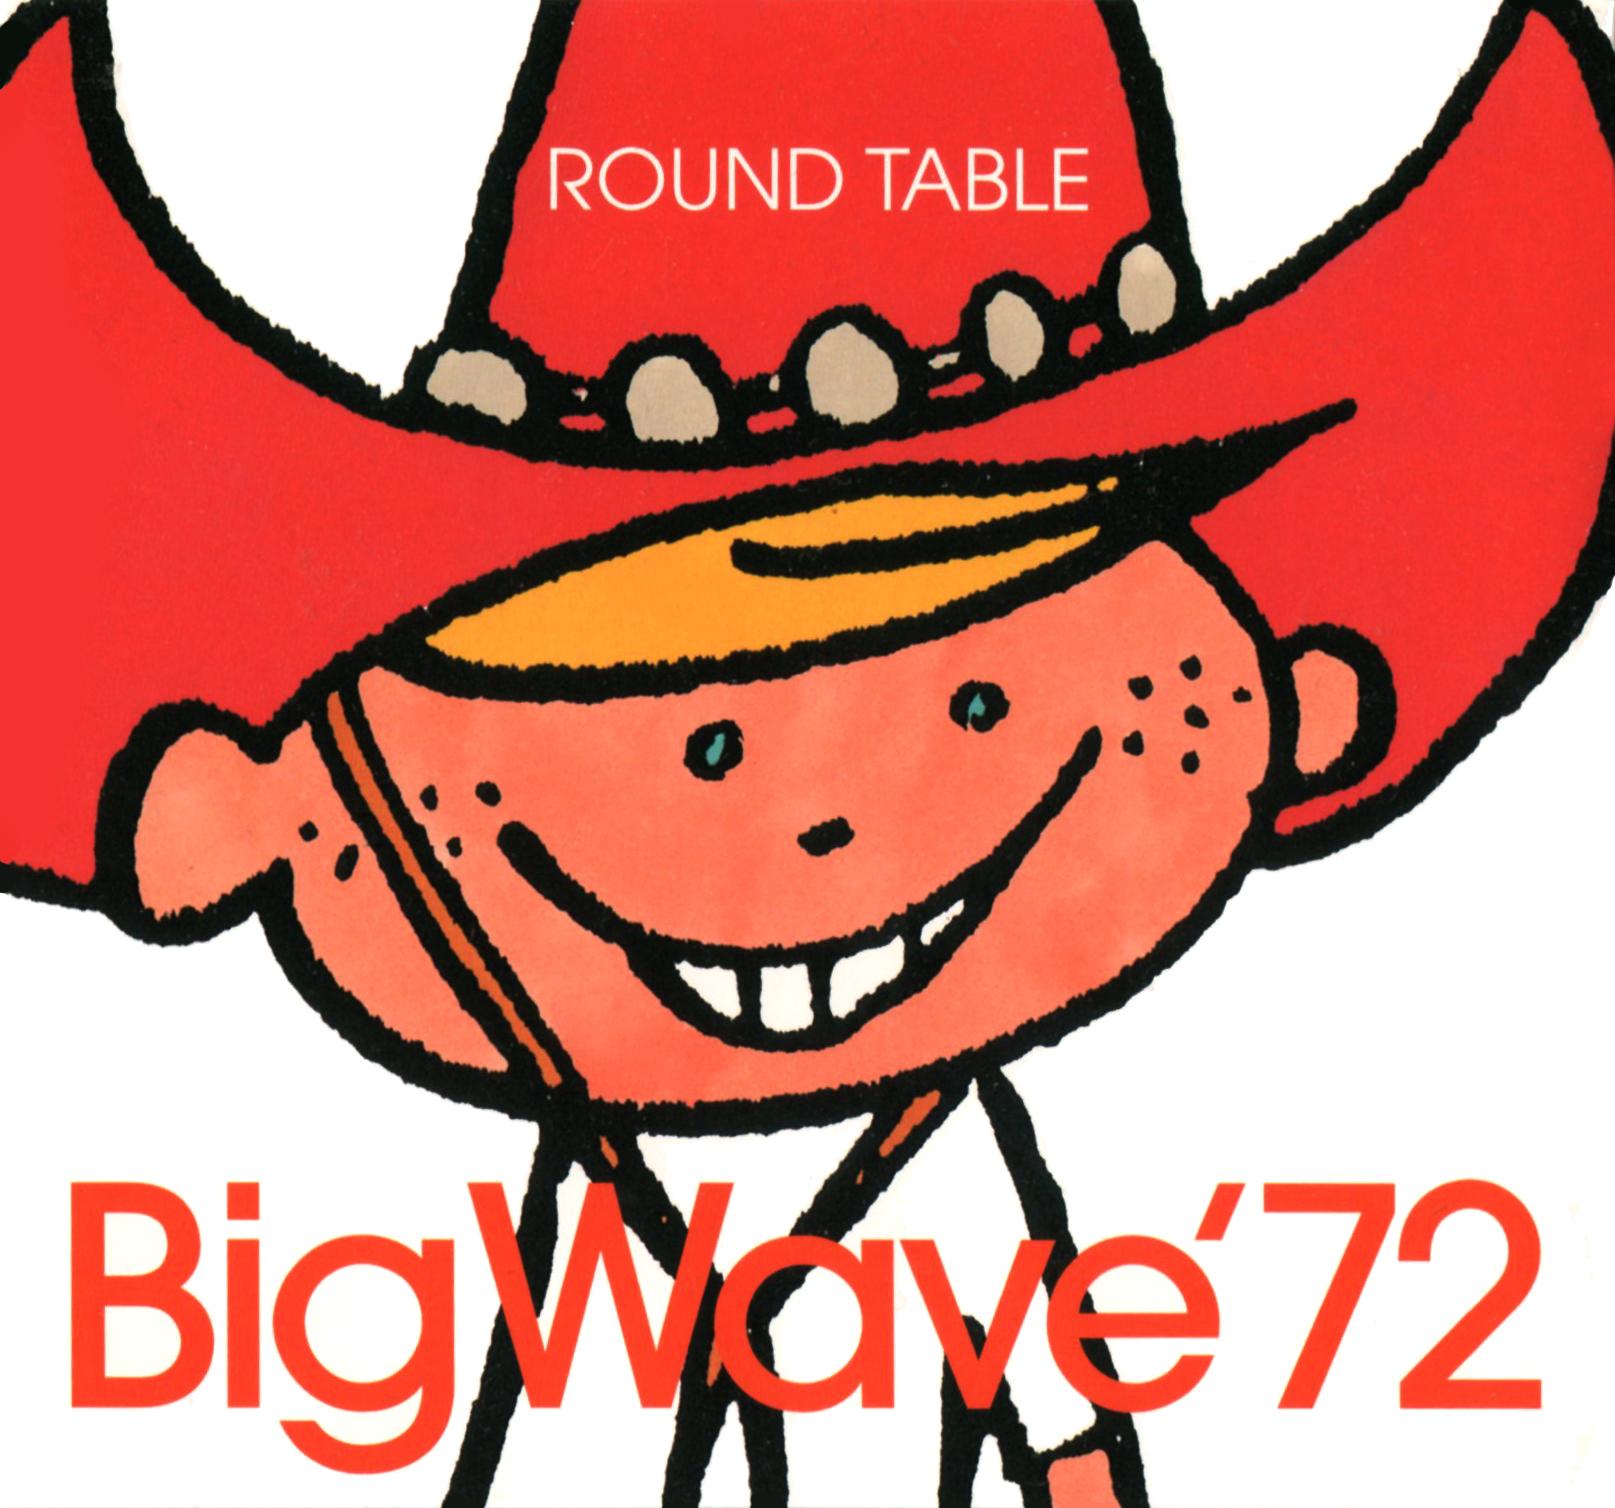 ROUND TABLE (ラウンド・テーブル) 6thミニアルバム『Big Wave '72 (ビッグウェーブ'72)』(1999年7月7日発売) 高画質CDジャケット画像 (ジャケ写)